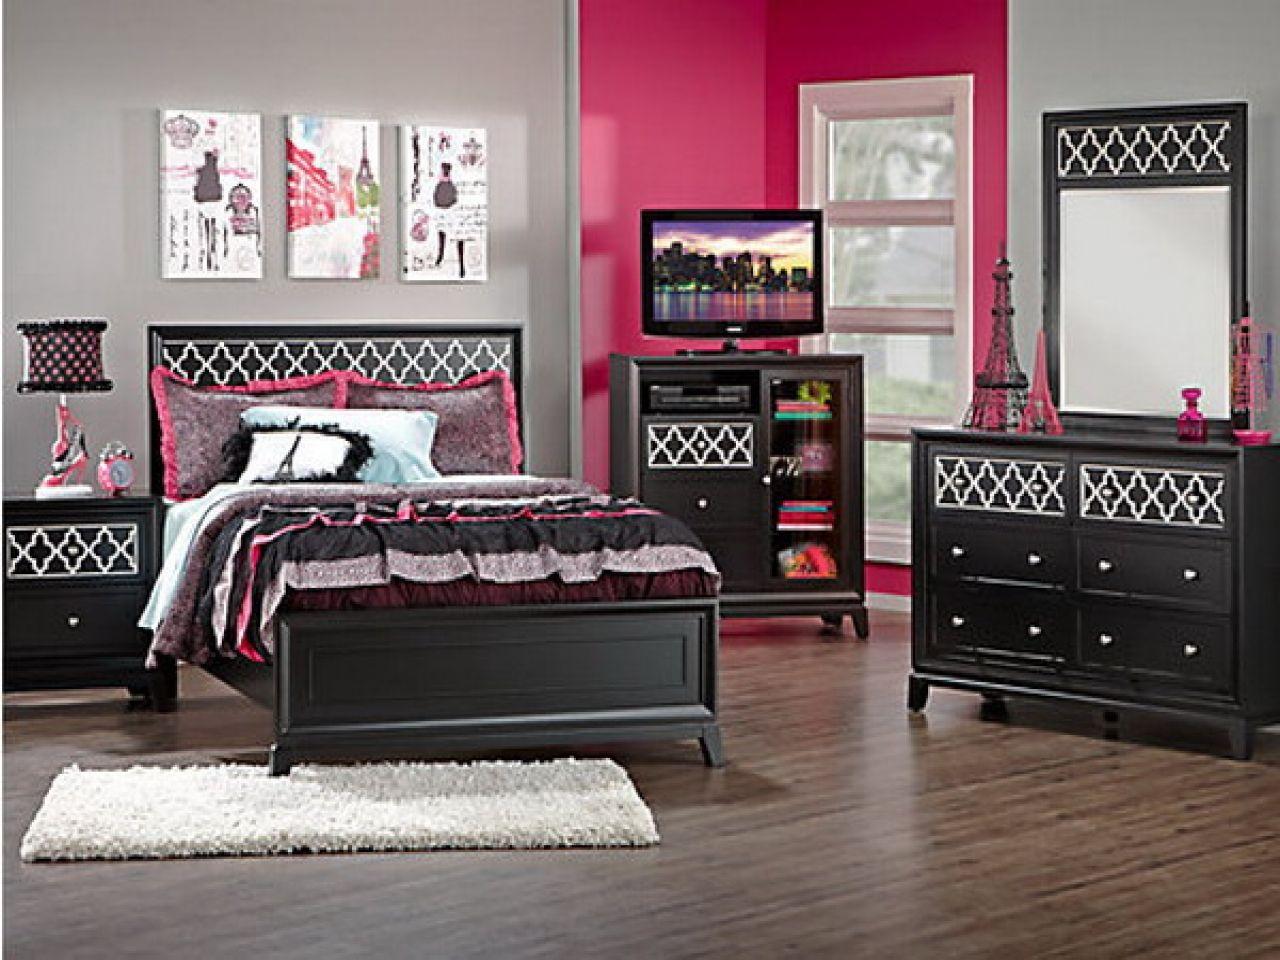 bedroom sets for girls. Black Bedroom Furniture Sets Girls Photo - 1 For